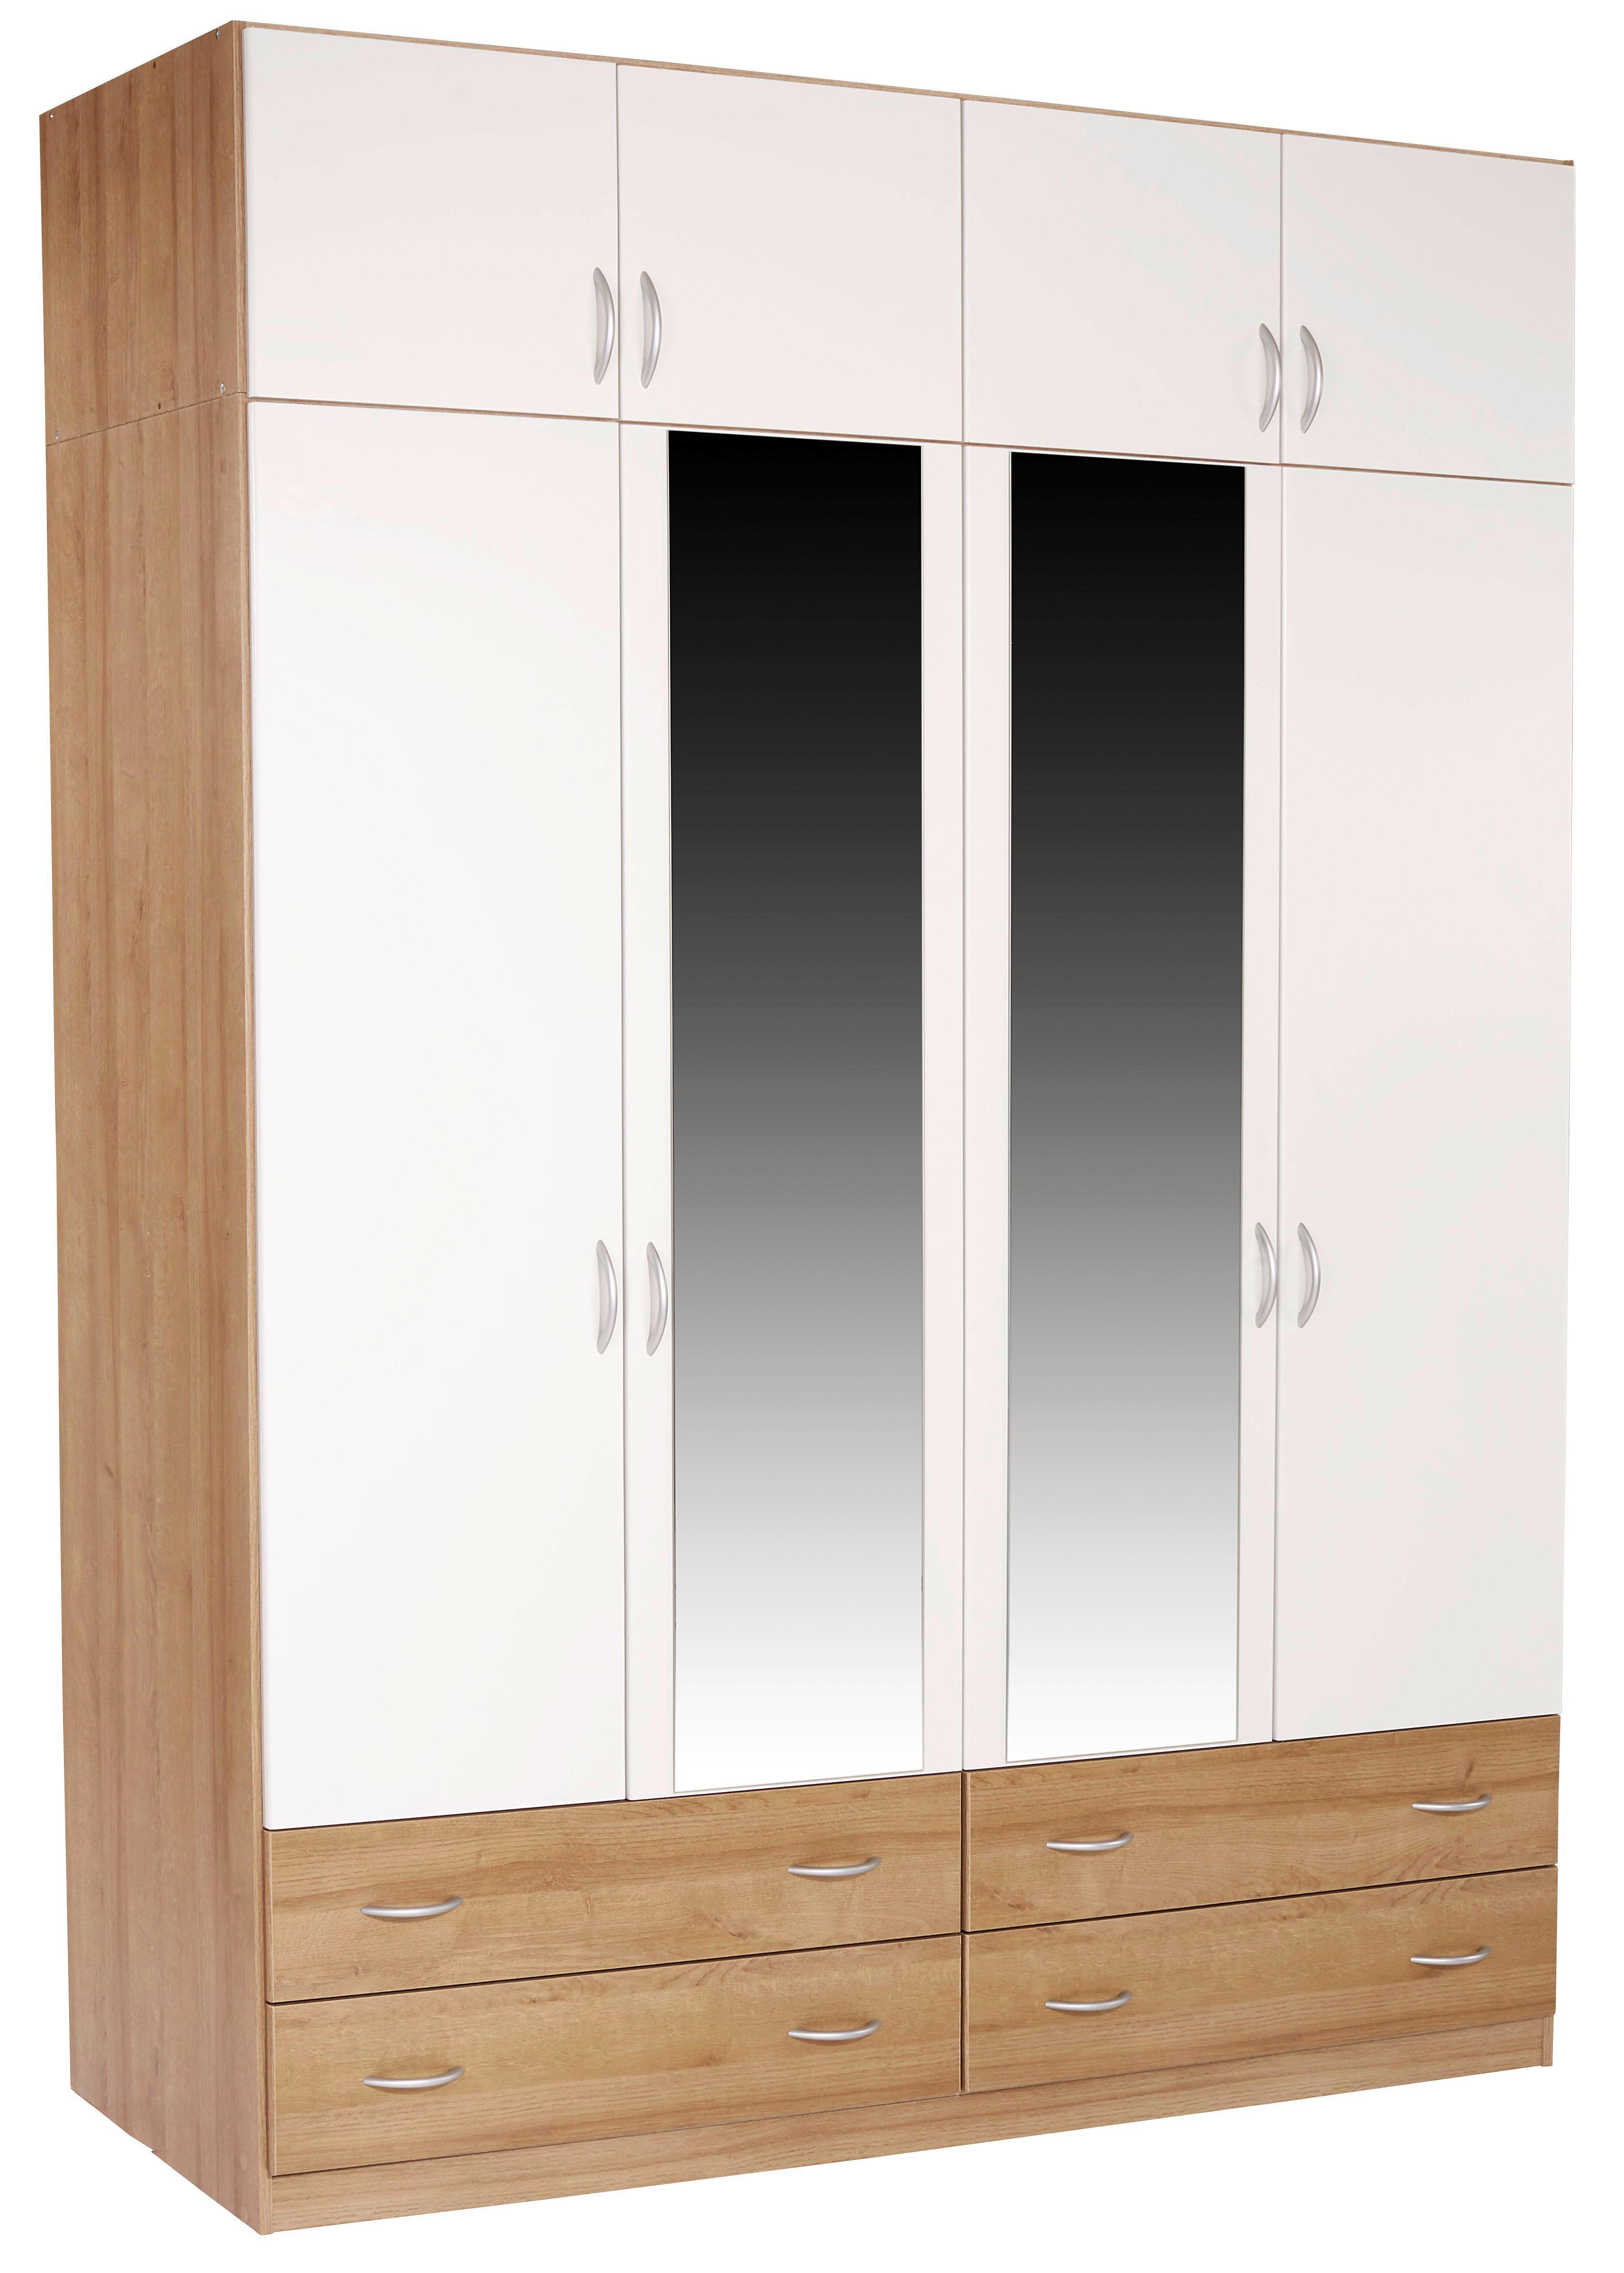 Szekrényrátét Karo-extra - tölgy színű/fehér, konvencionális, faanyagok (181/39/54cm)